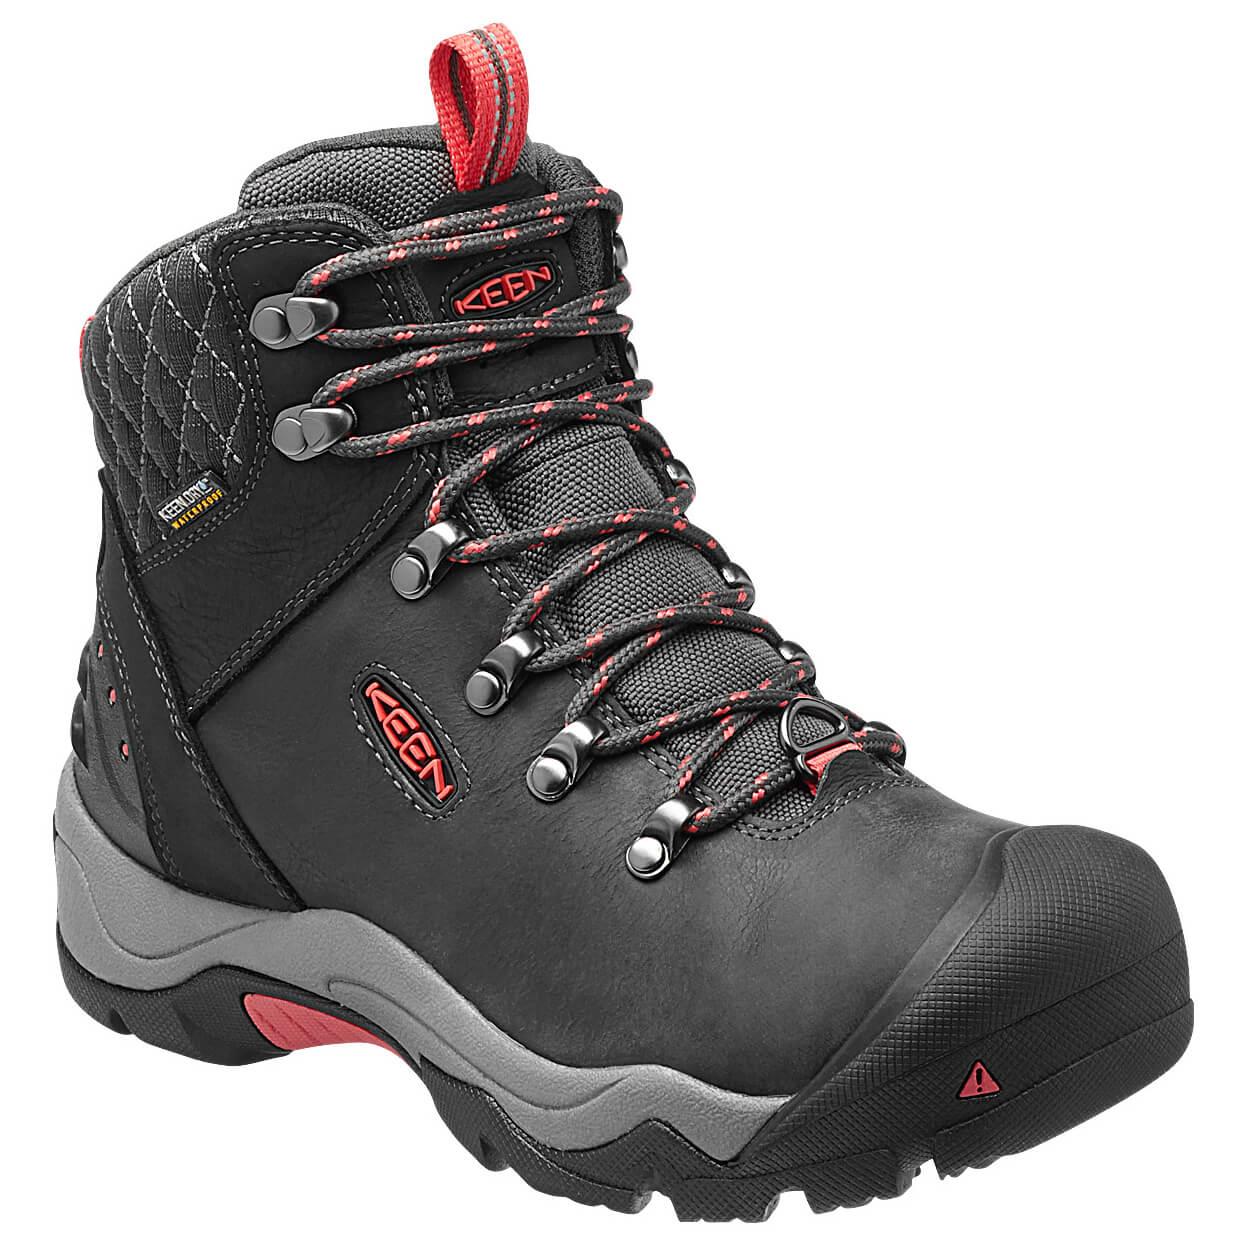 reputable site 5b5f7 d0cd6 Keen - Women's Revel III - Winter boots